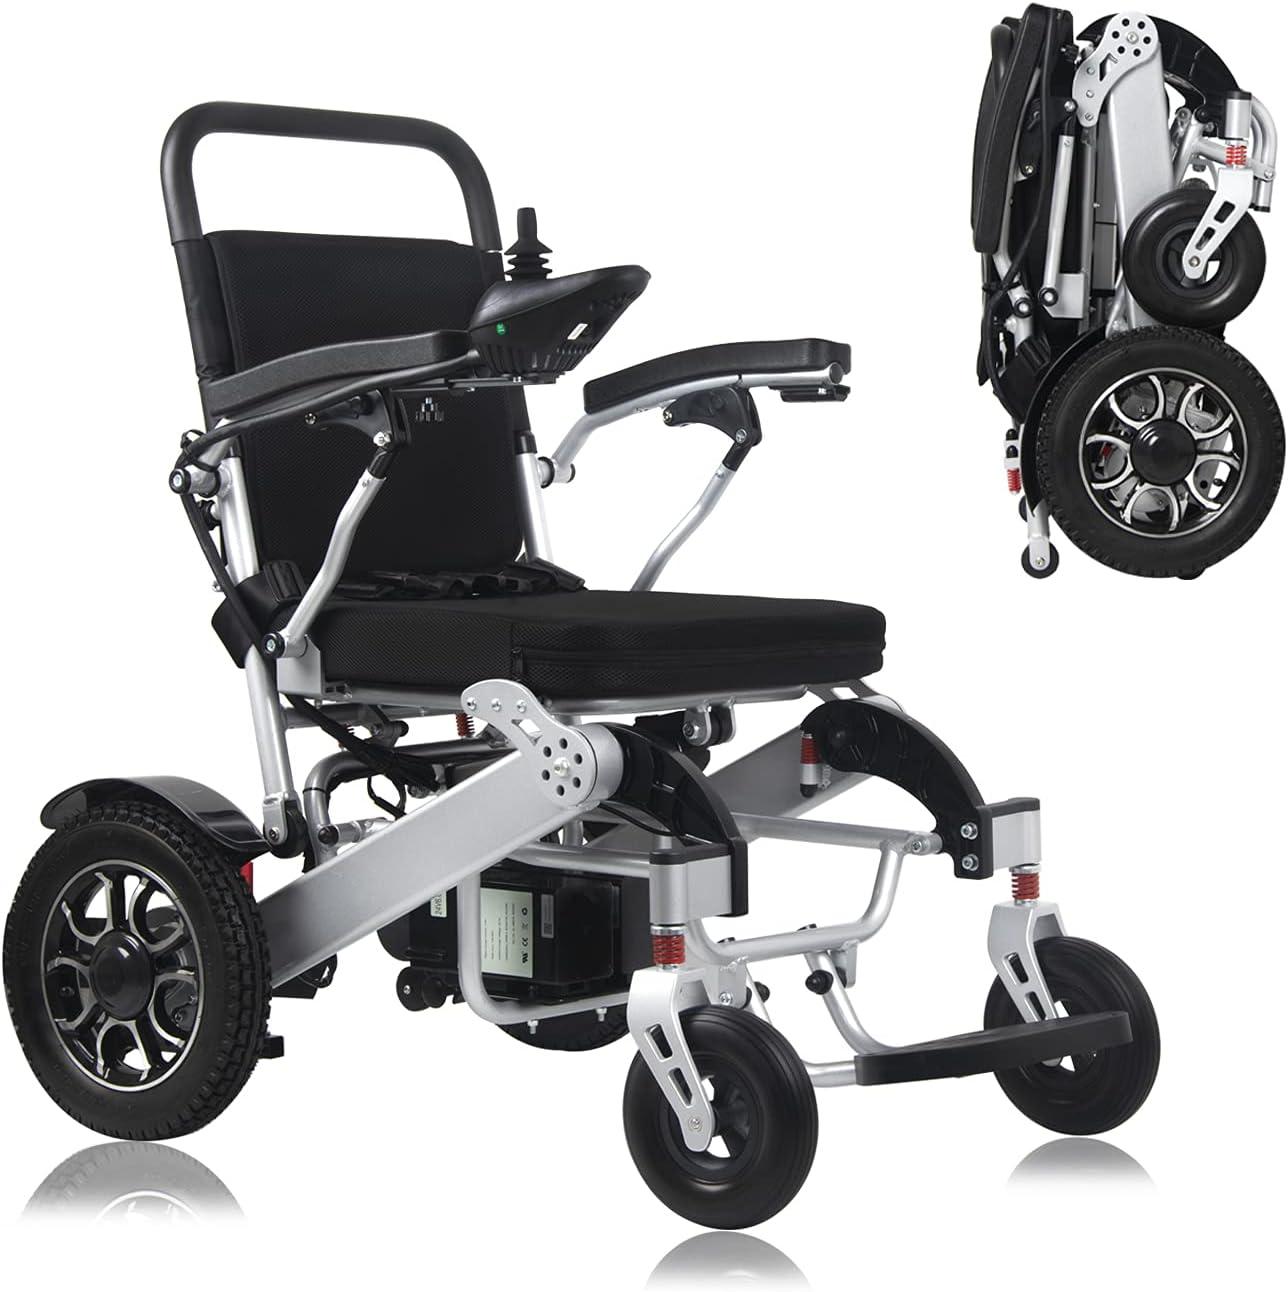 MUJO Silla de ruedas eléctrica plegable y ligera Deluxe Power Mobility Aid con motor dual de 500 W y doble batería